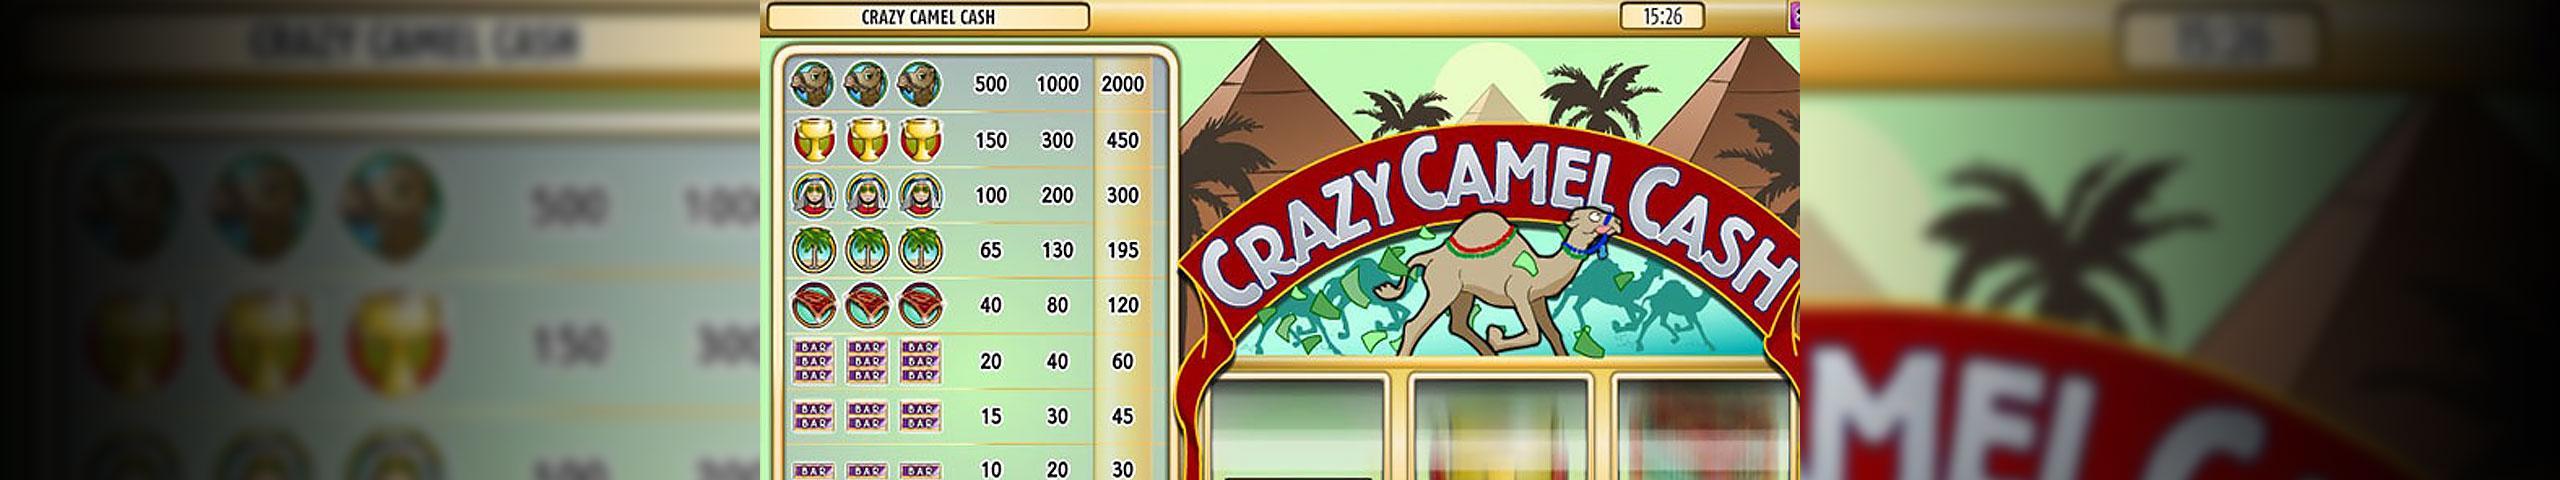 Spelautomater Crazy Camel Cash, Rival Slider - Wyrmspel.com